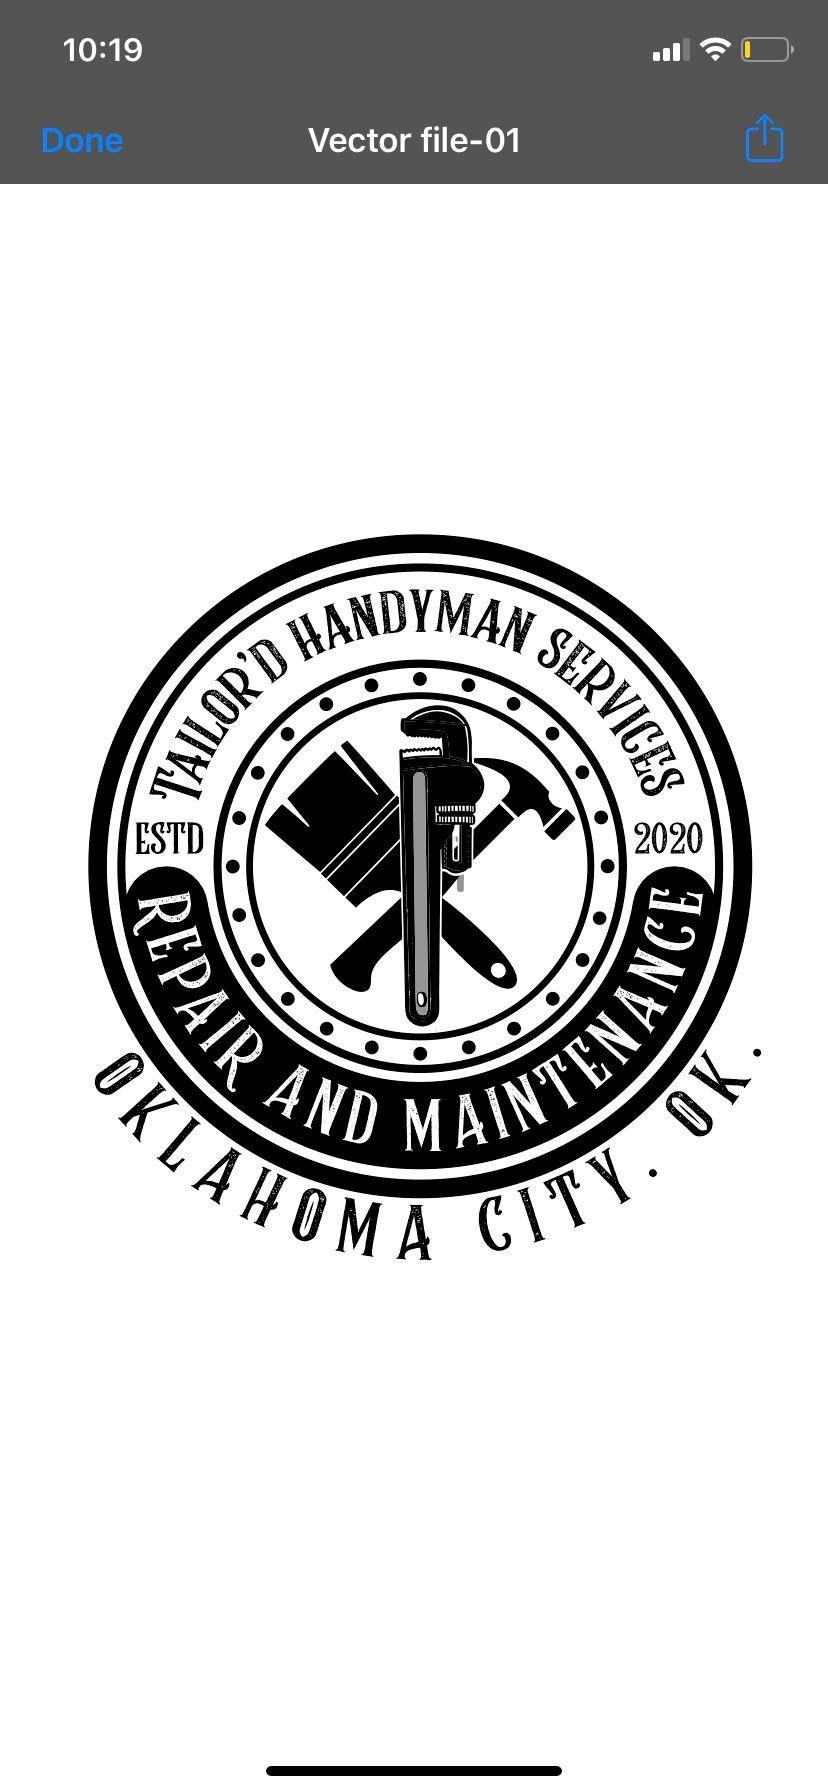 Tailor'd handyman services